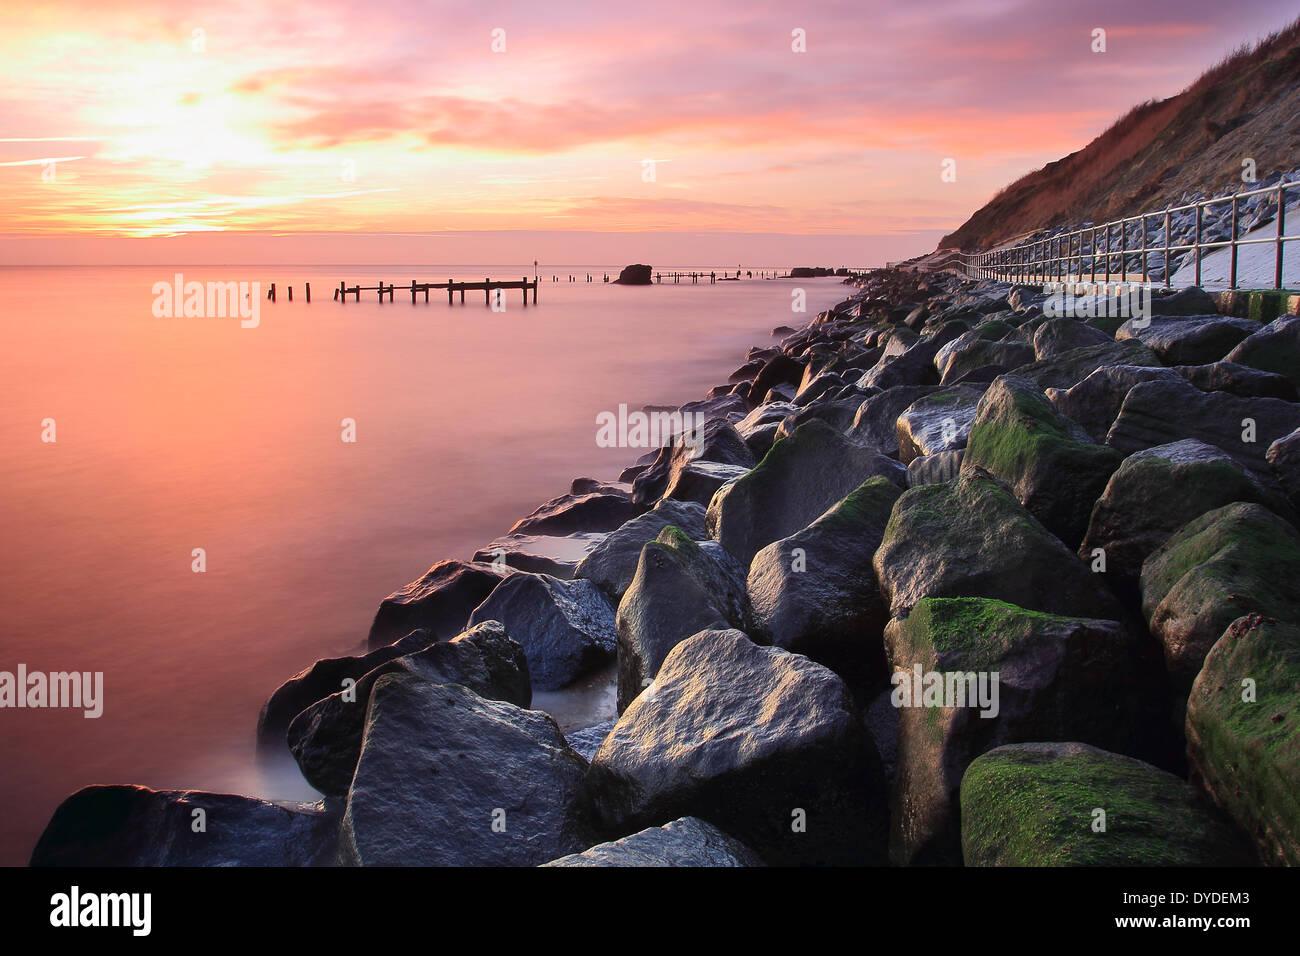 Una vista de Corton defensas contra el mar. Imagen De Stock